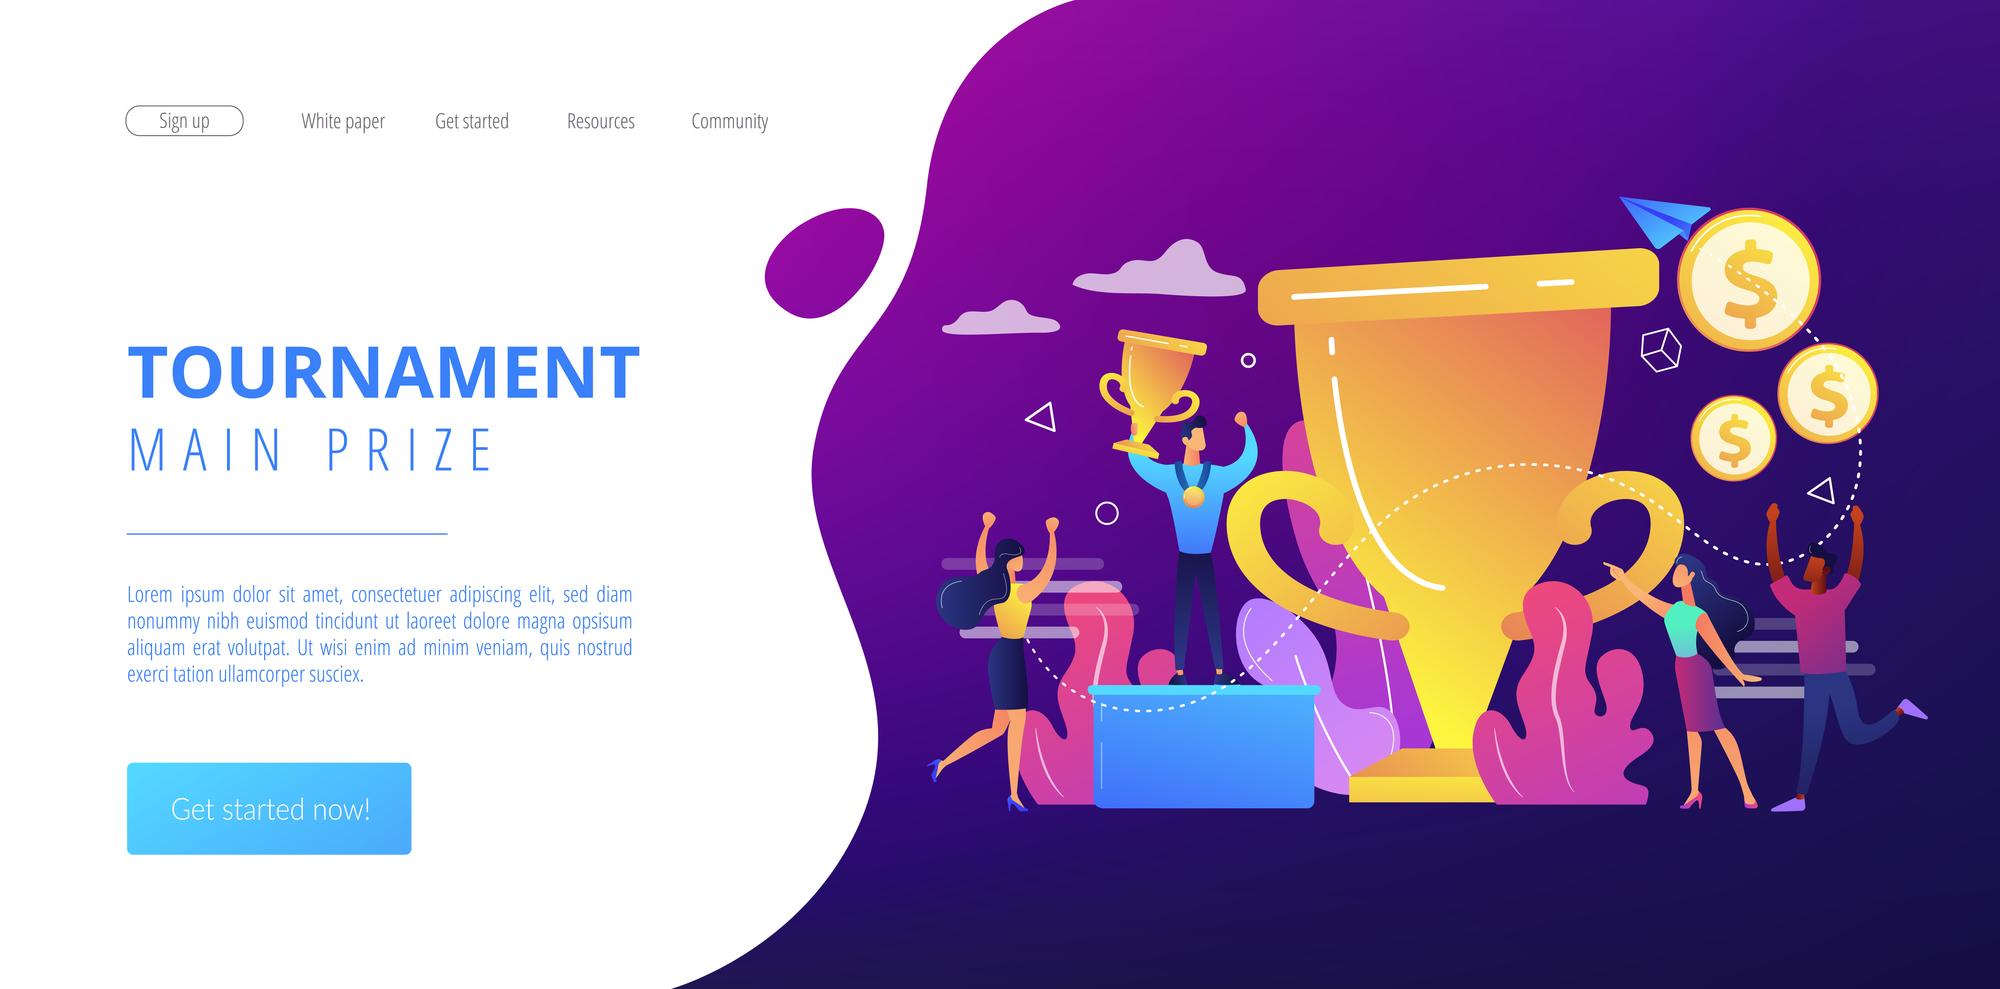 メインカラーである紫が全体の25%を占めるwebページ